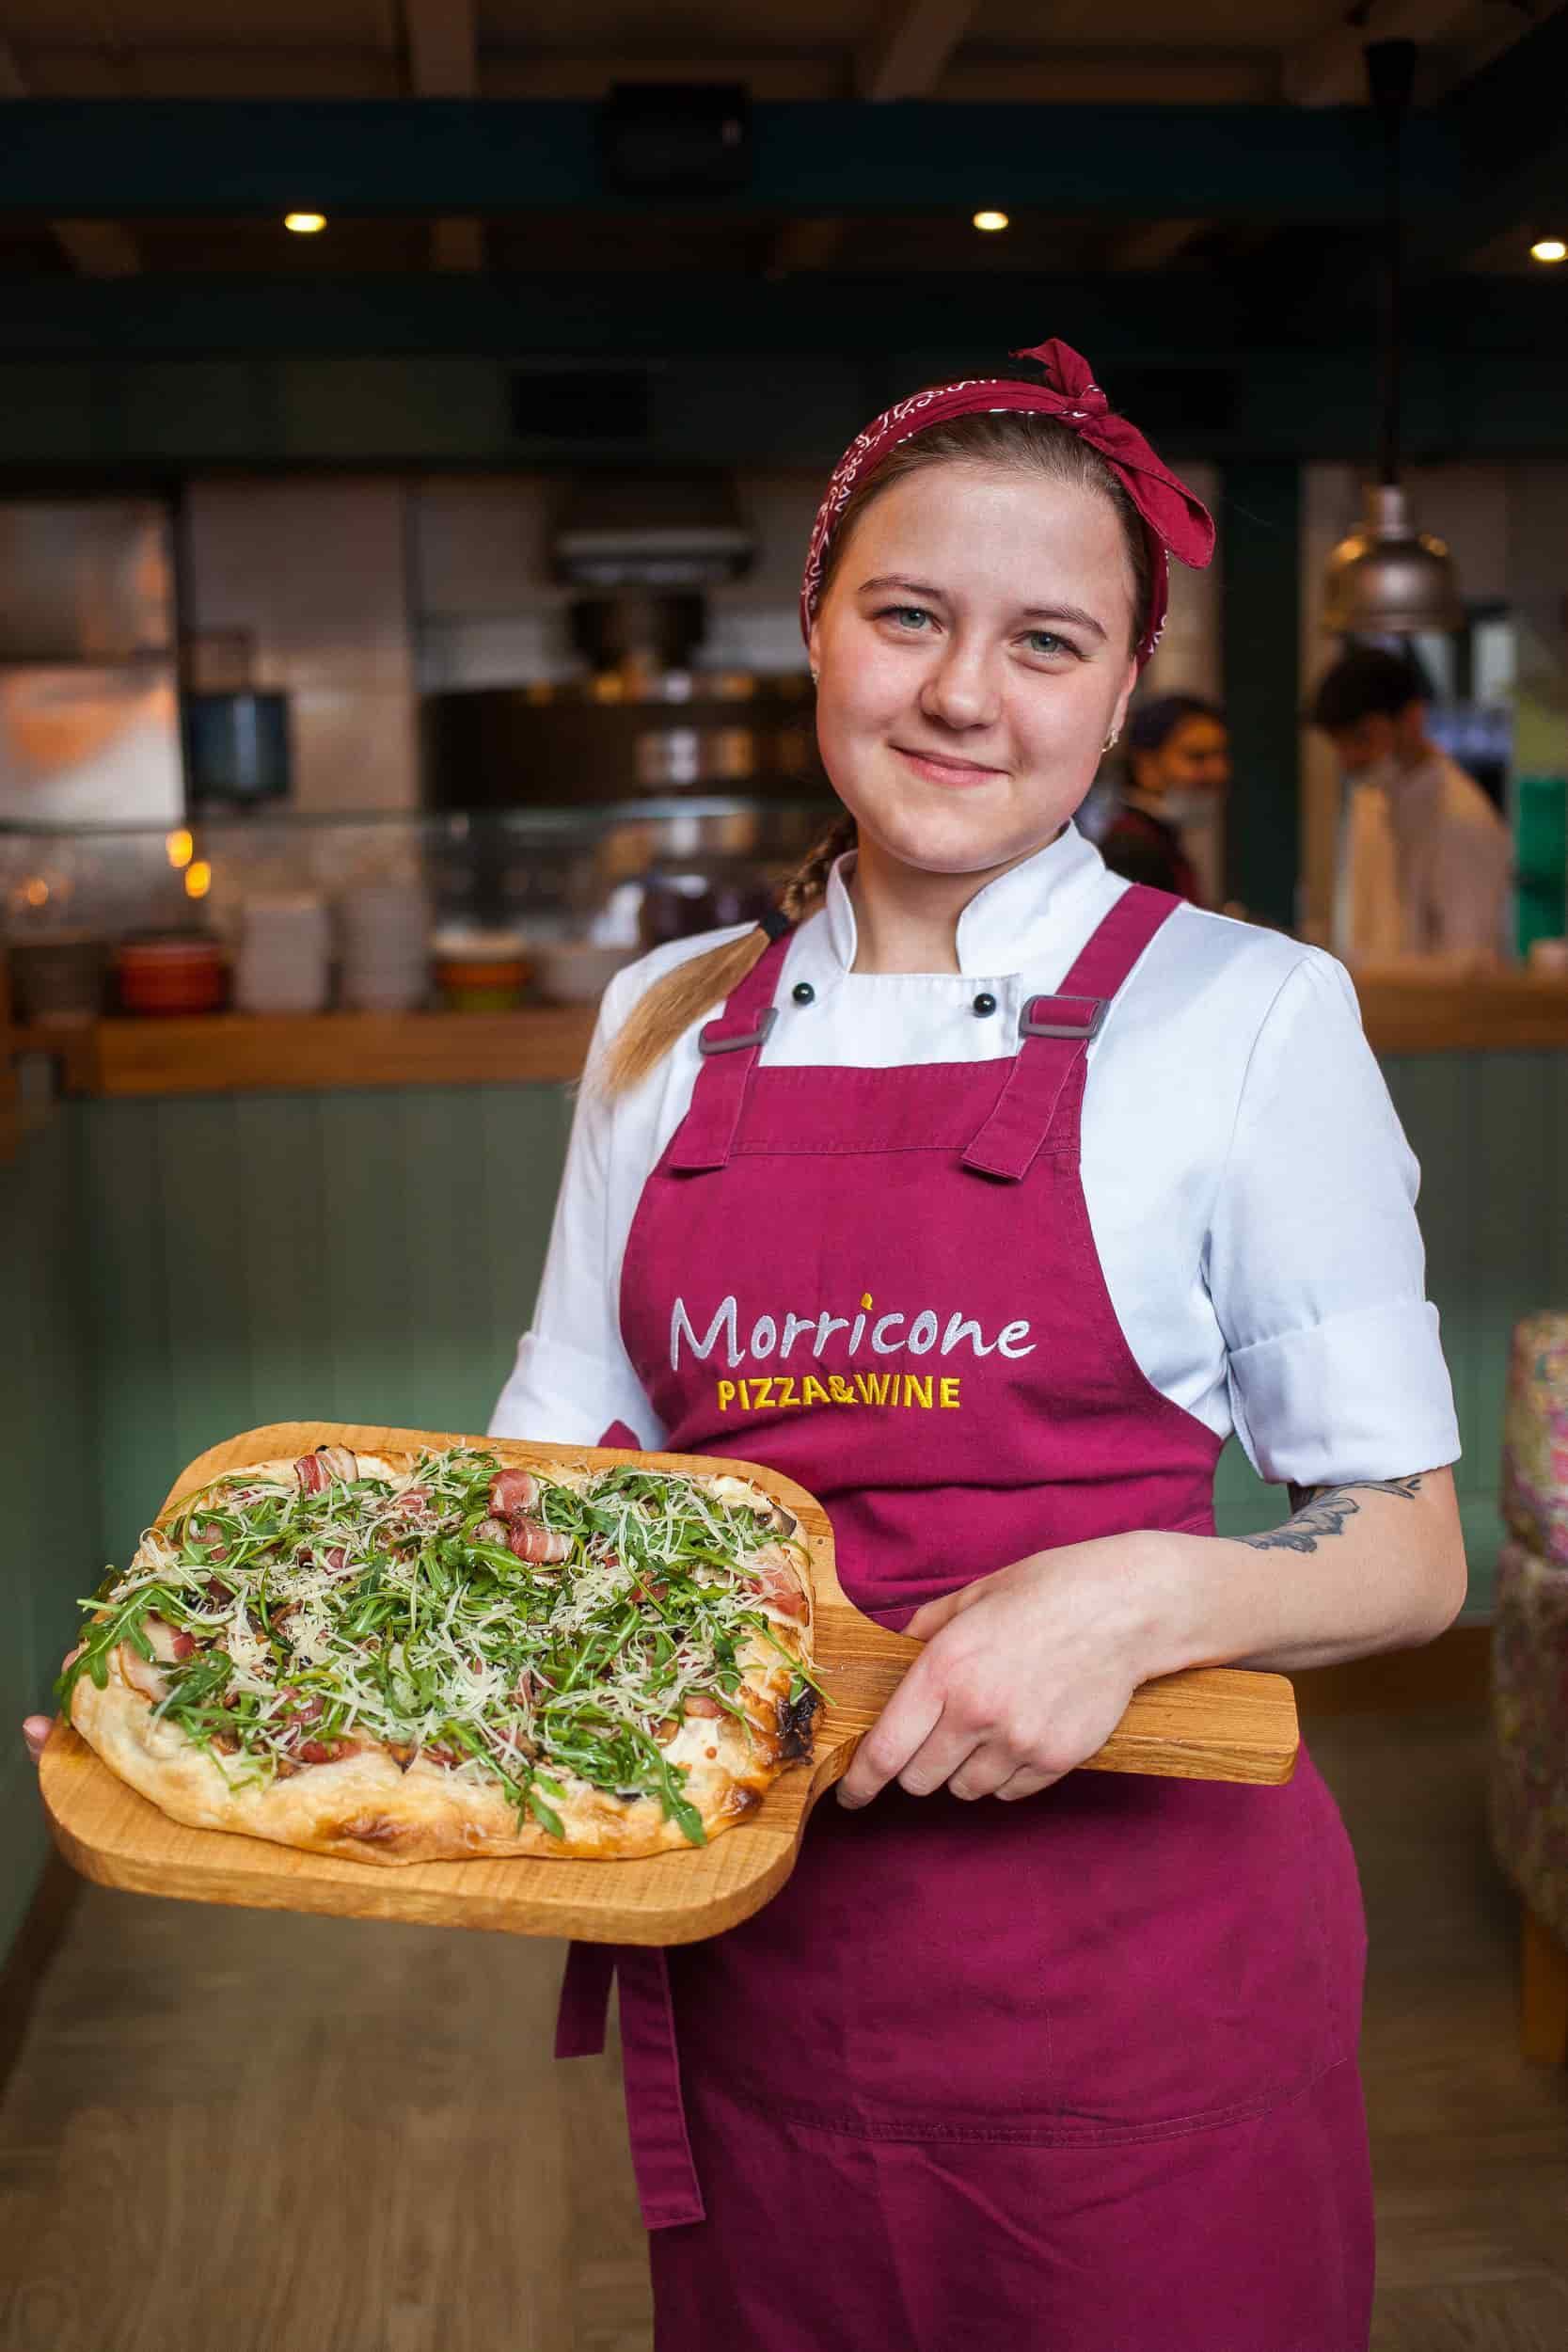 фото Ресторан Morricone Pizza&Wine даёт скидку на доставку римской пиццы – для этого нужно сделать предзаказ до 7 марта 4